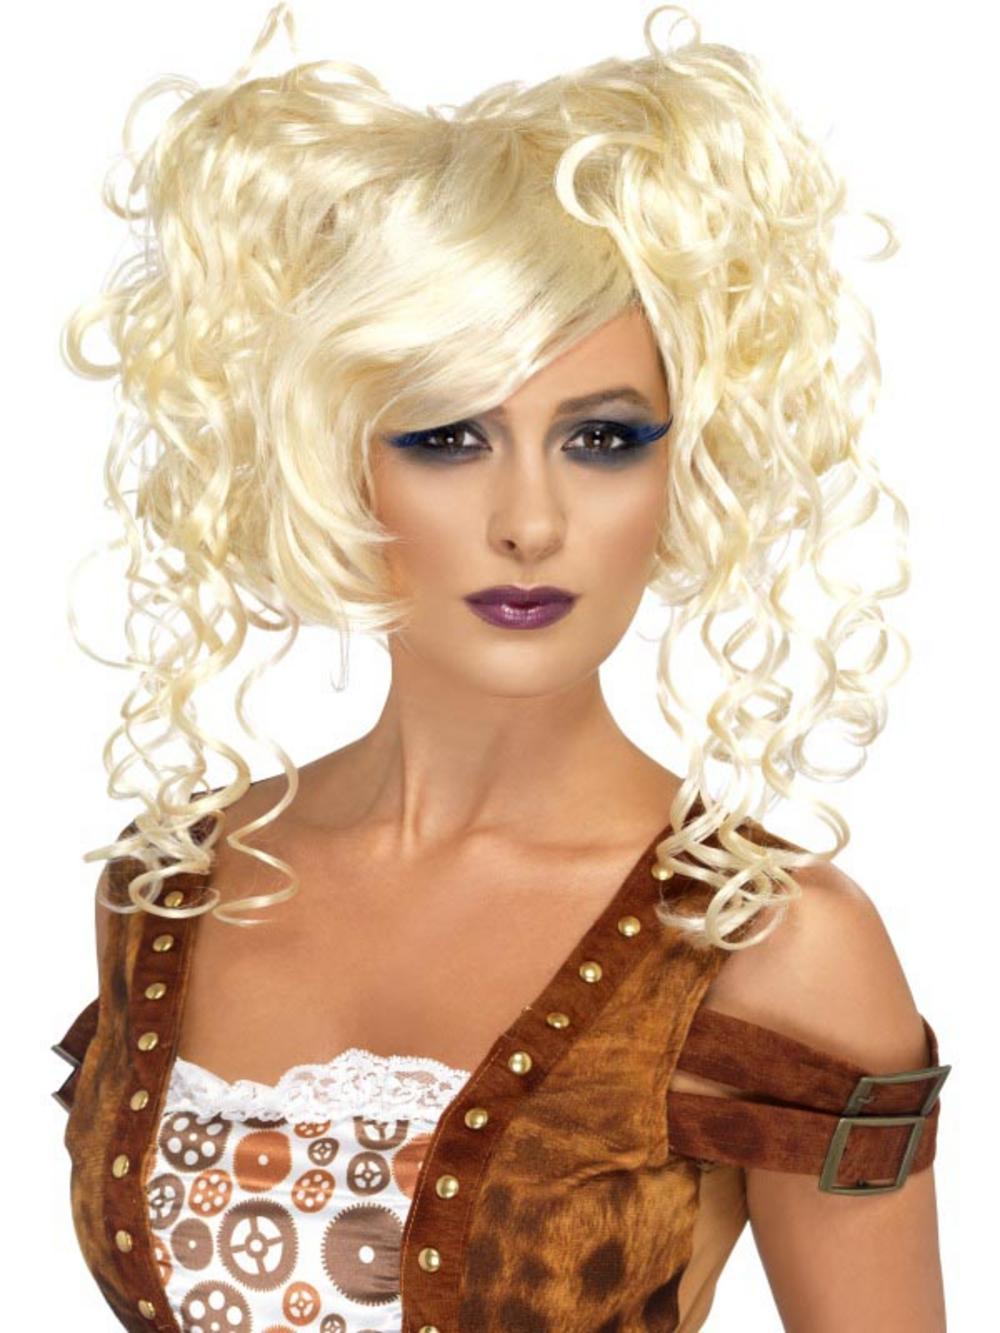 Blonde Steampunk Pigtails Wig